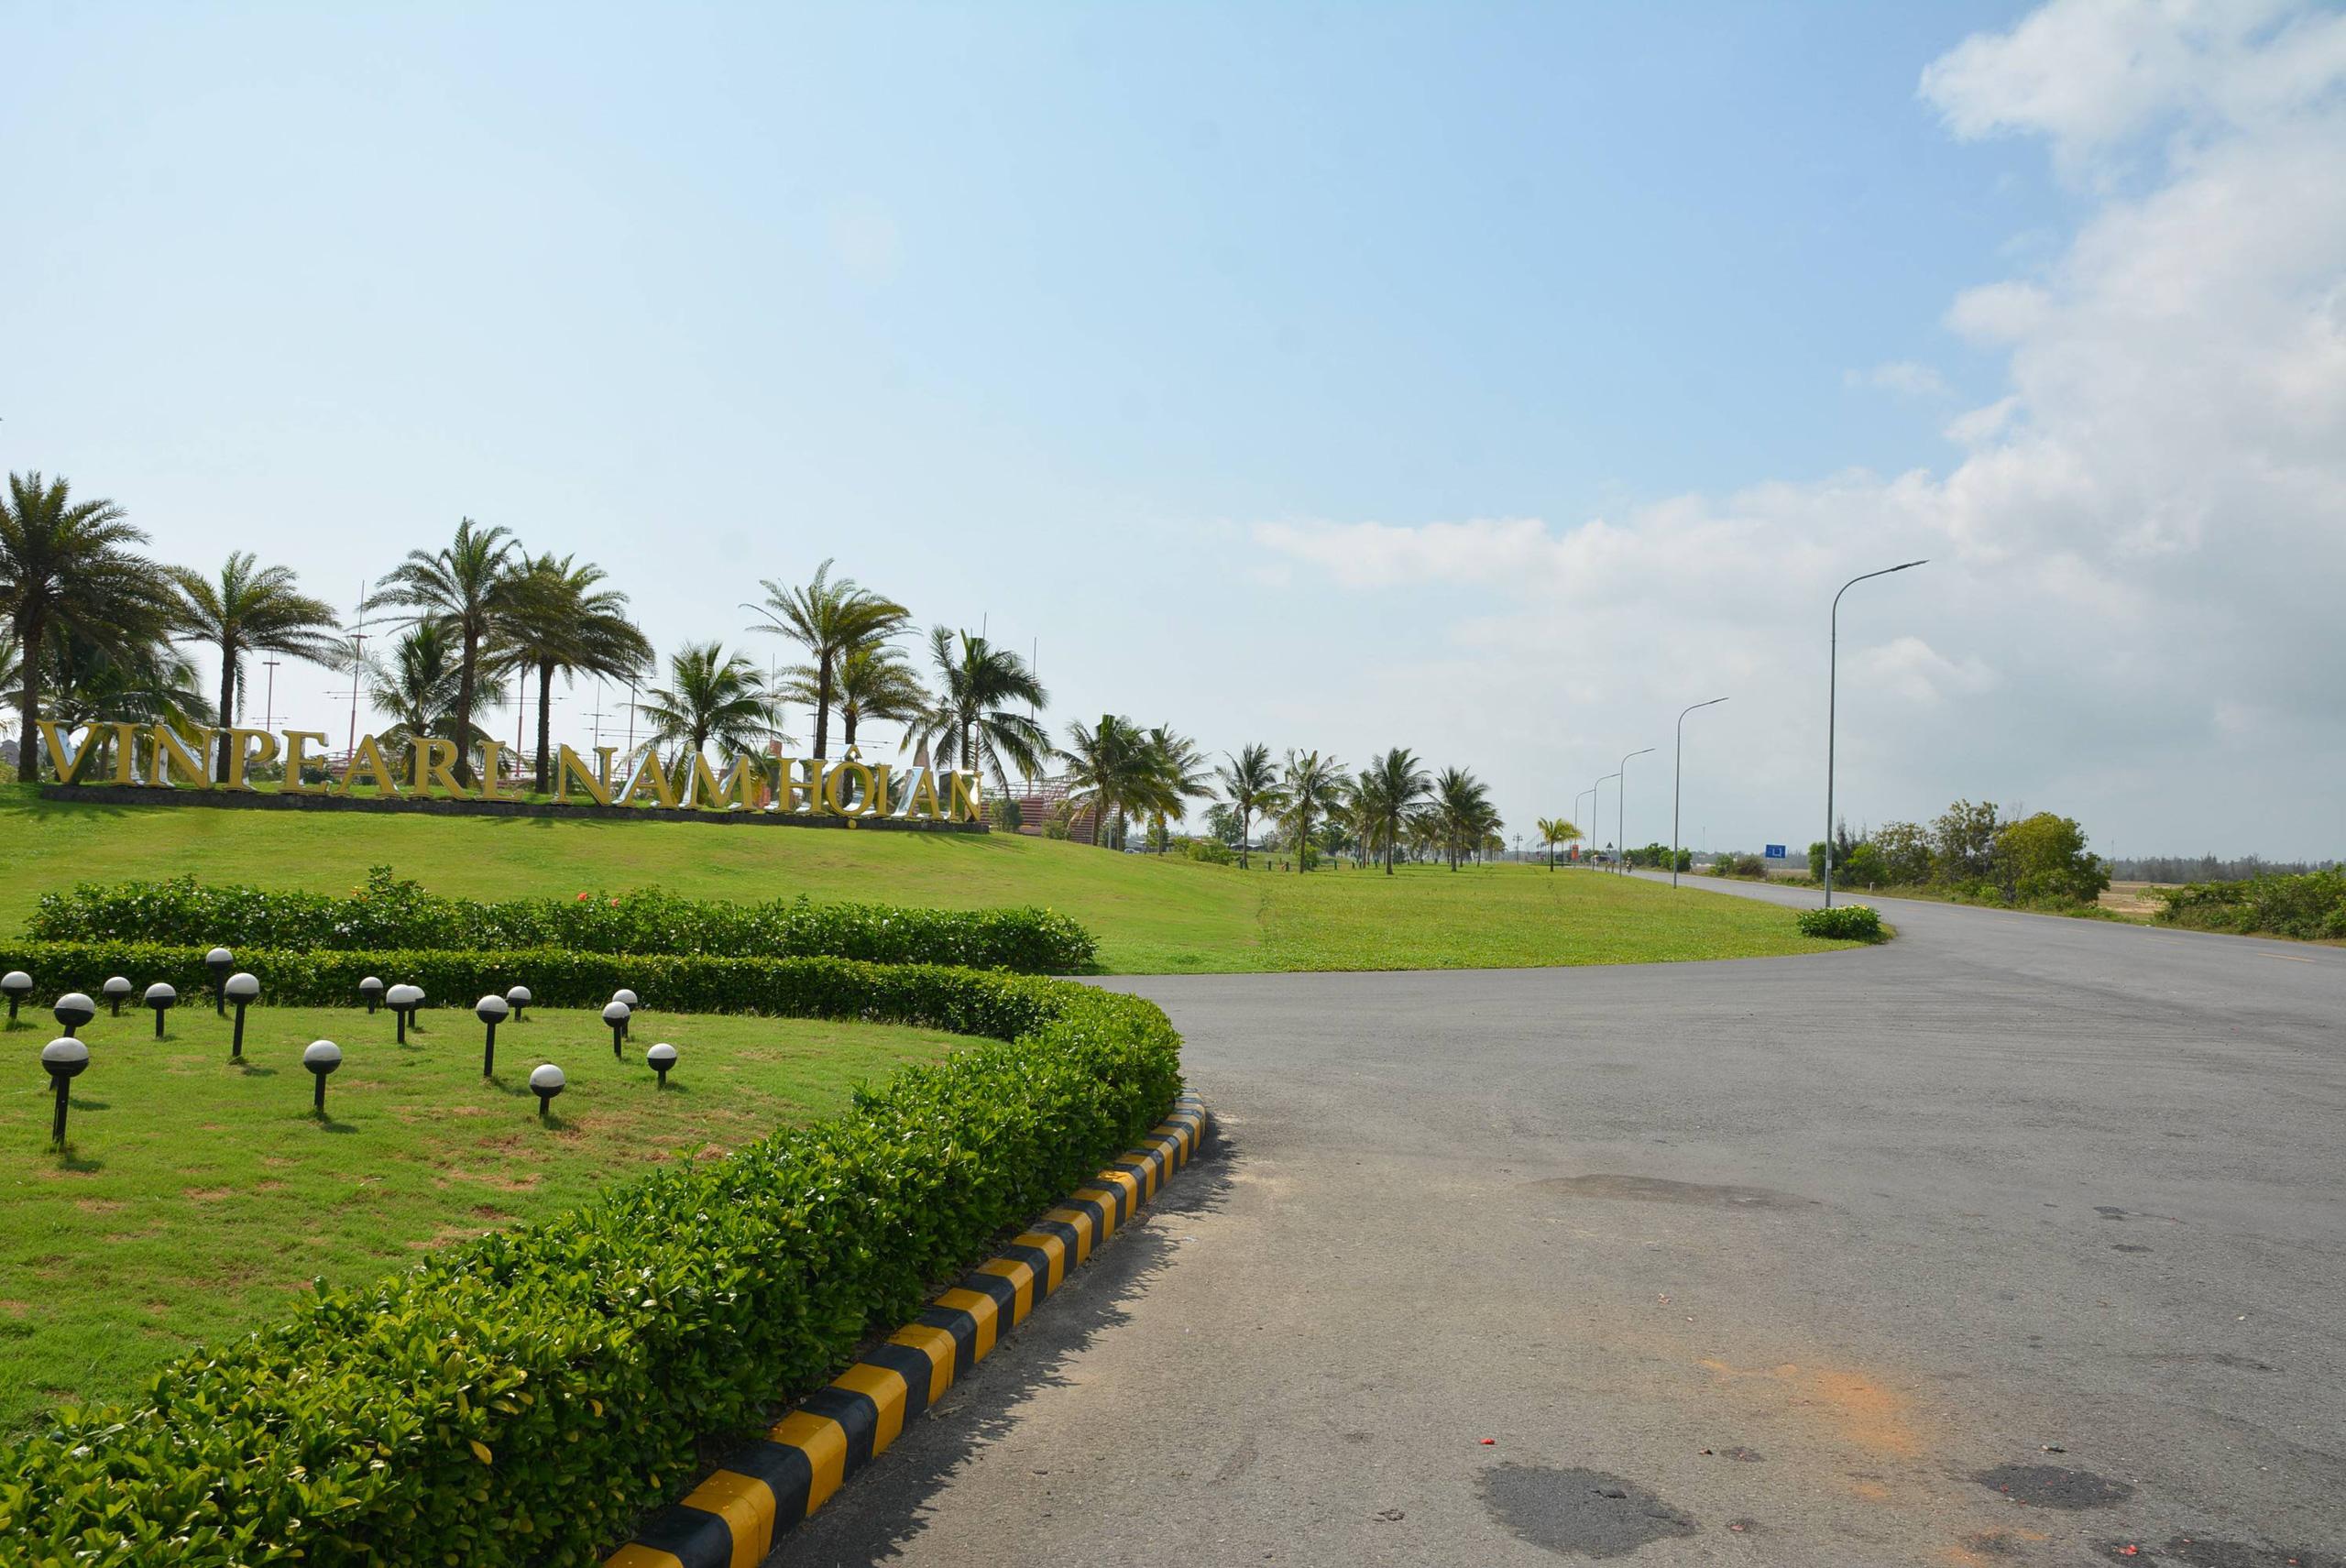 Cận cảnh khu đất Tập đoàn Nguyễn Hoàng đầu tư thành phố giáo dục, đối diện Vinpearl Nam Hội An - Ảnh 7.